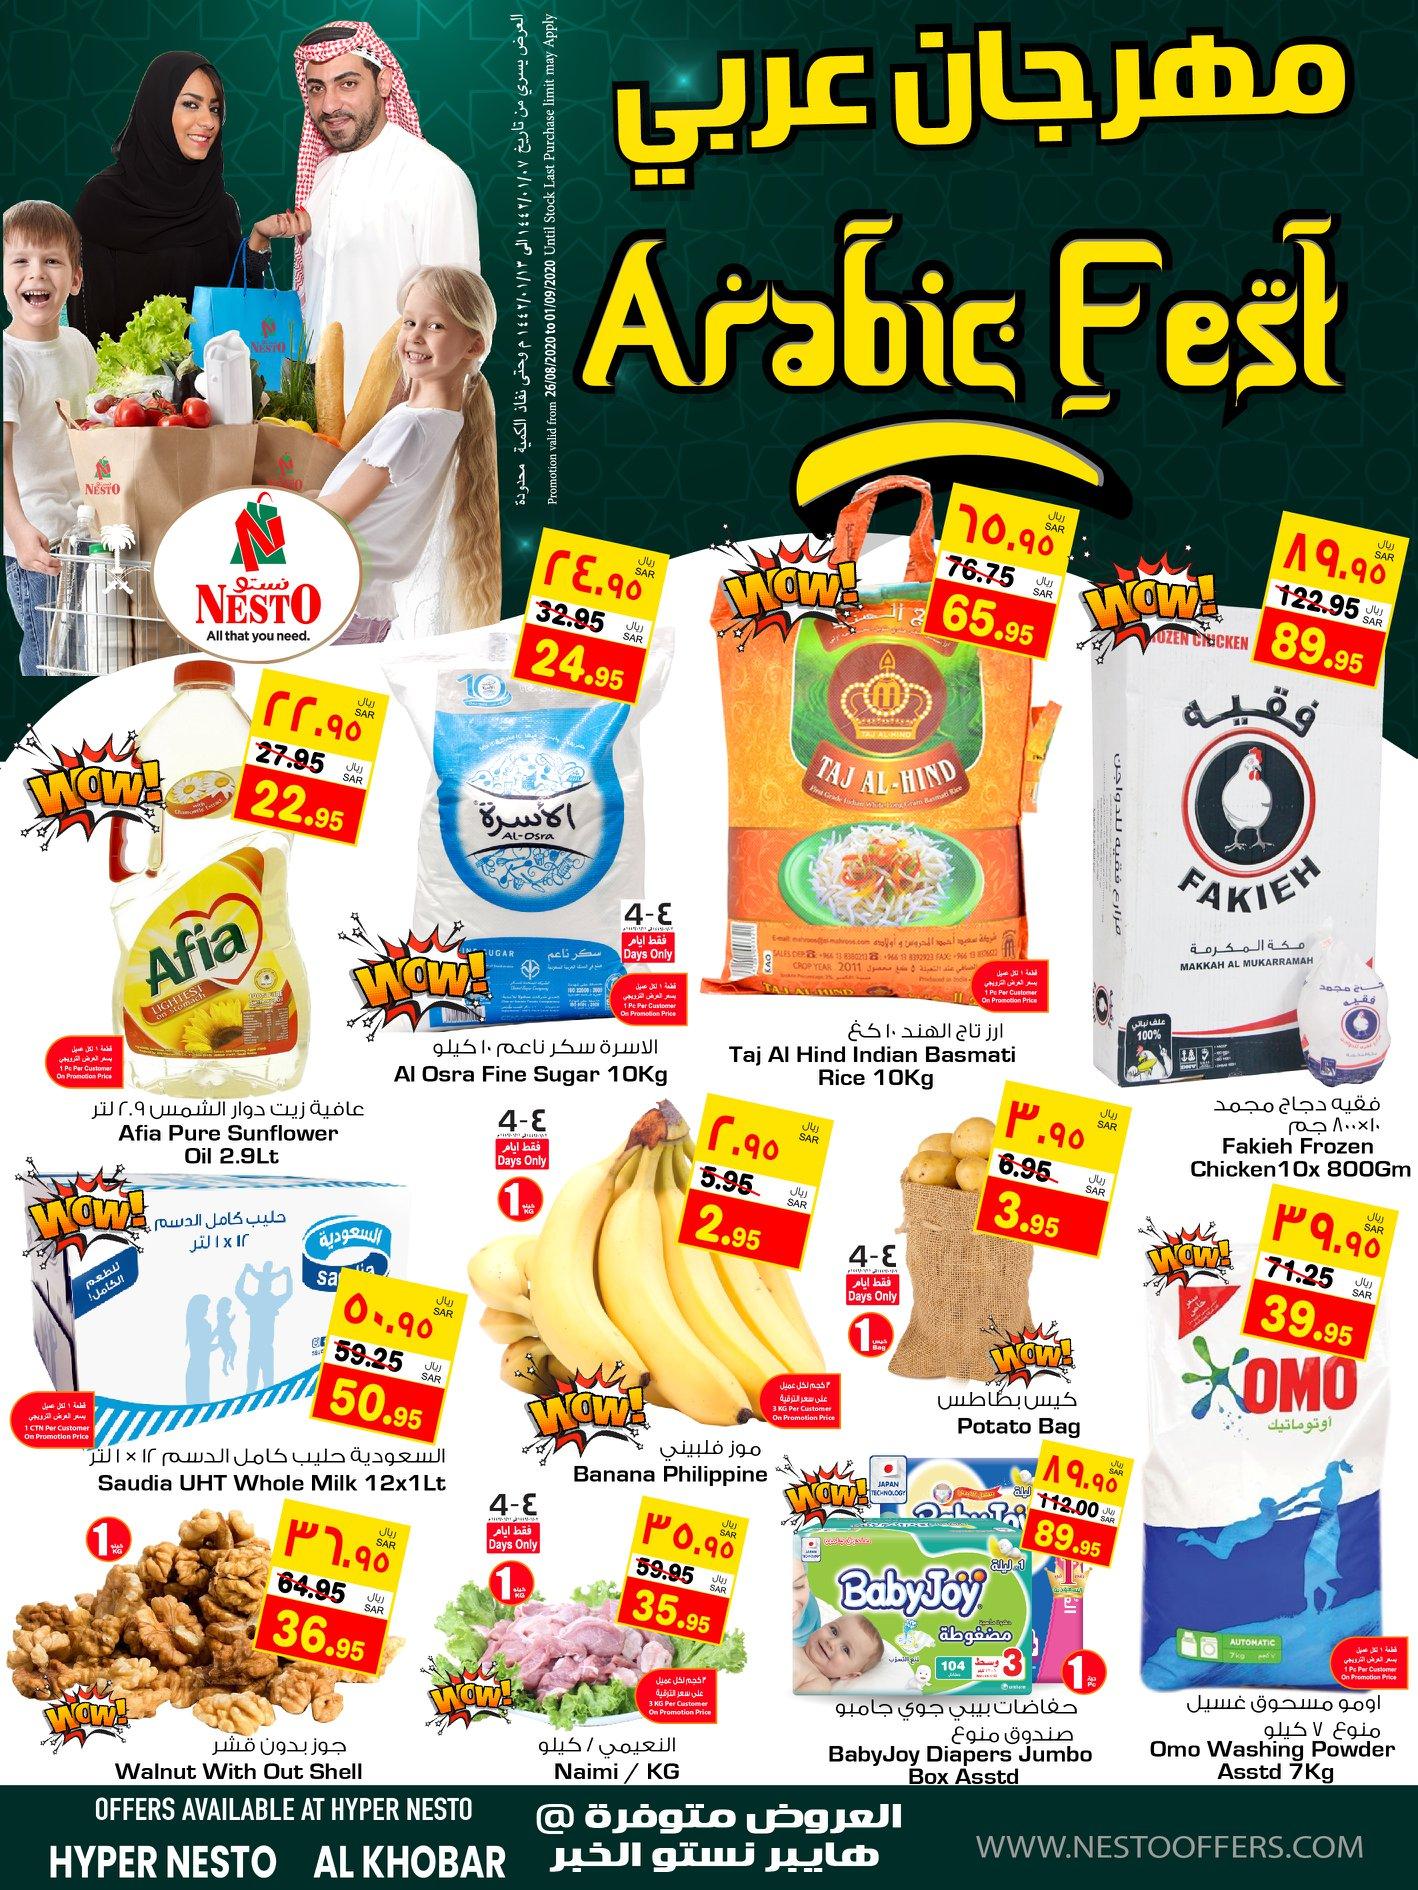 عروض نستو الدمام اليوم 26 اغسطس حتى 1 سبتمبر 2020 مهرجان عربى